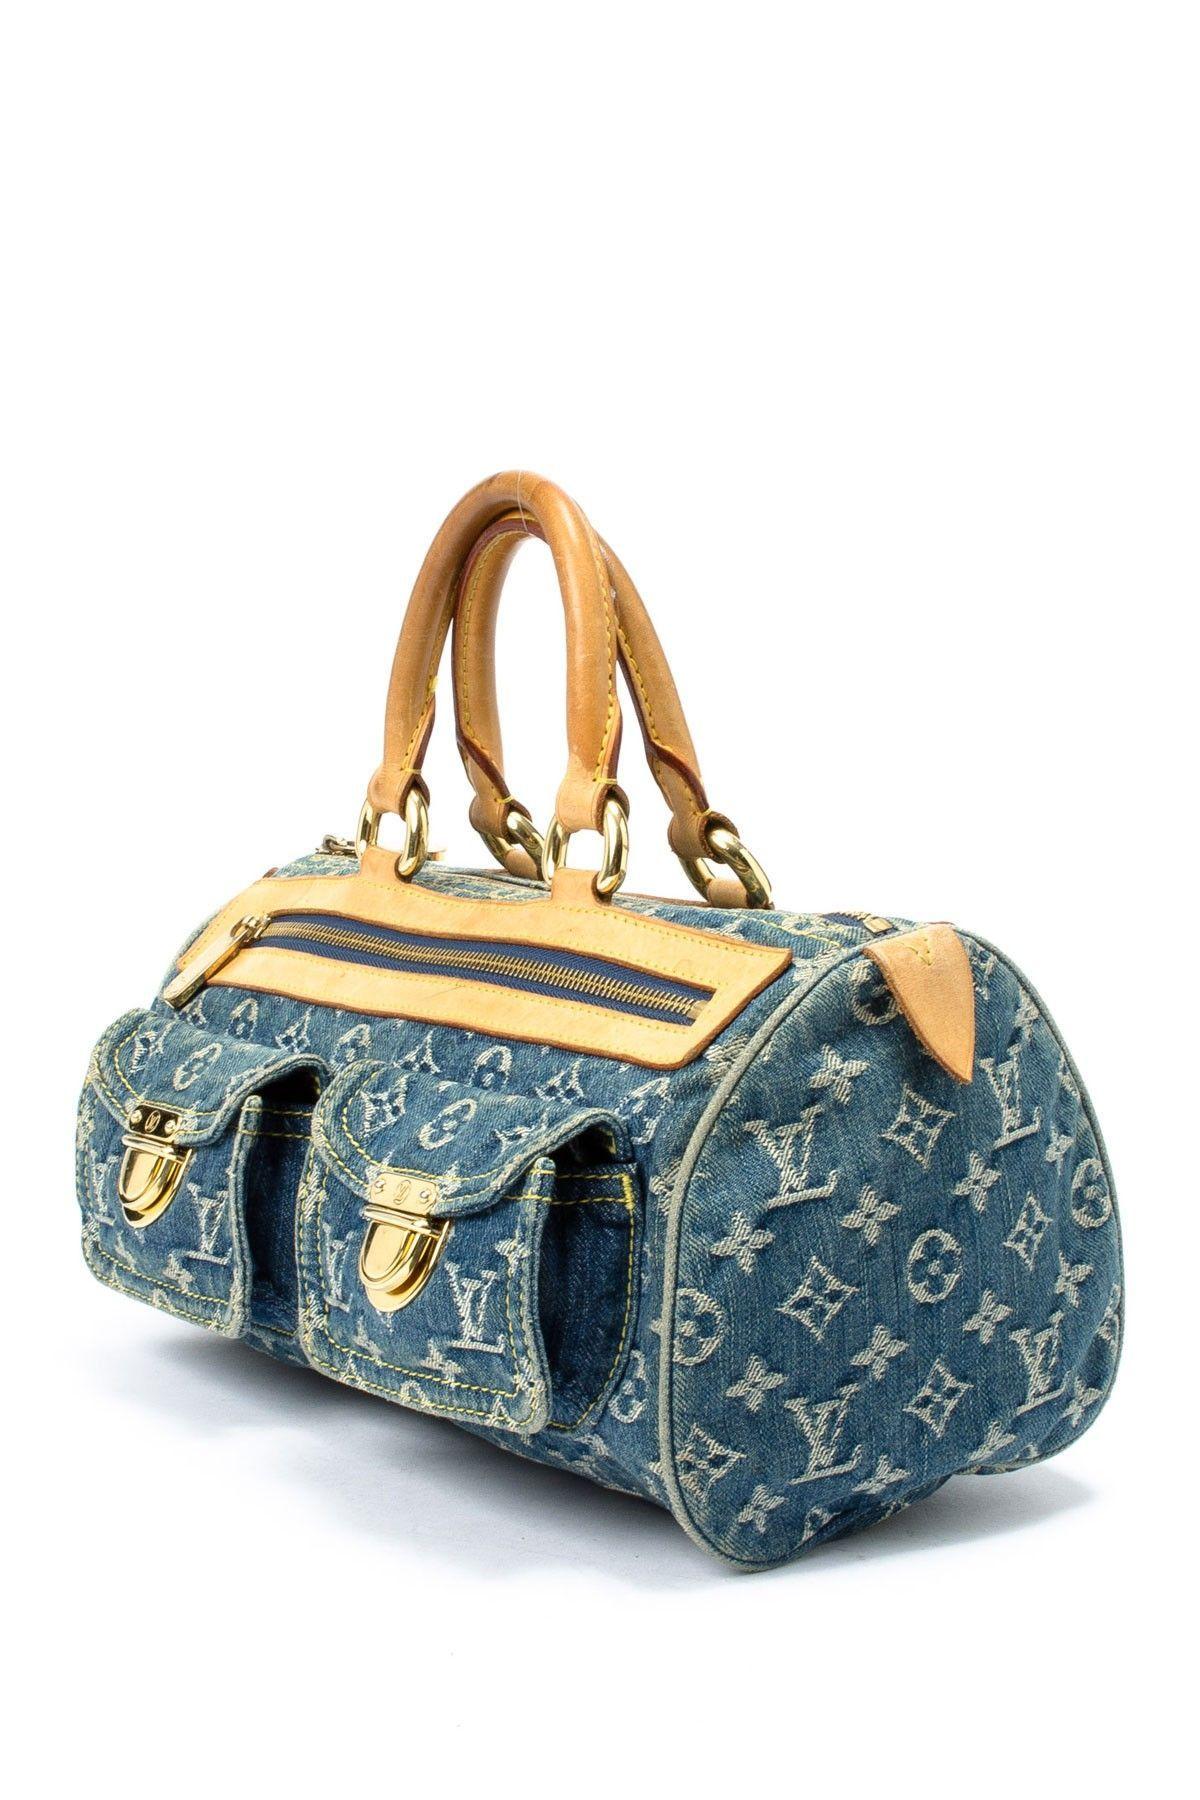 Vintage Louis Vuitton Denim Neo Speedy  ad2806dab6bab